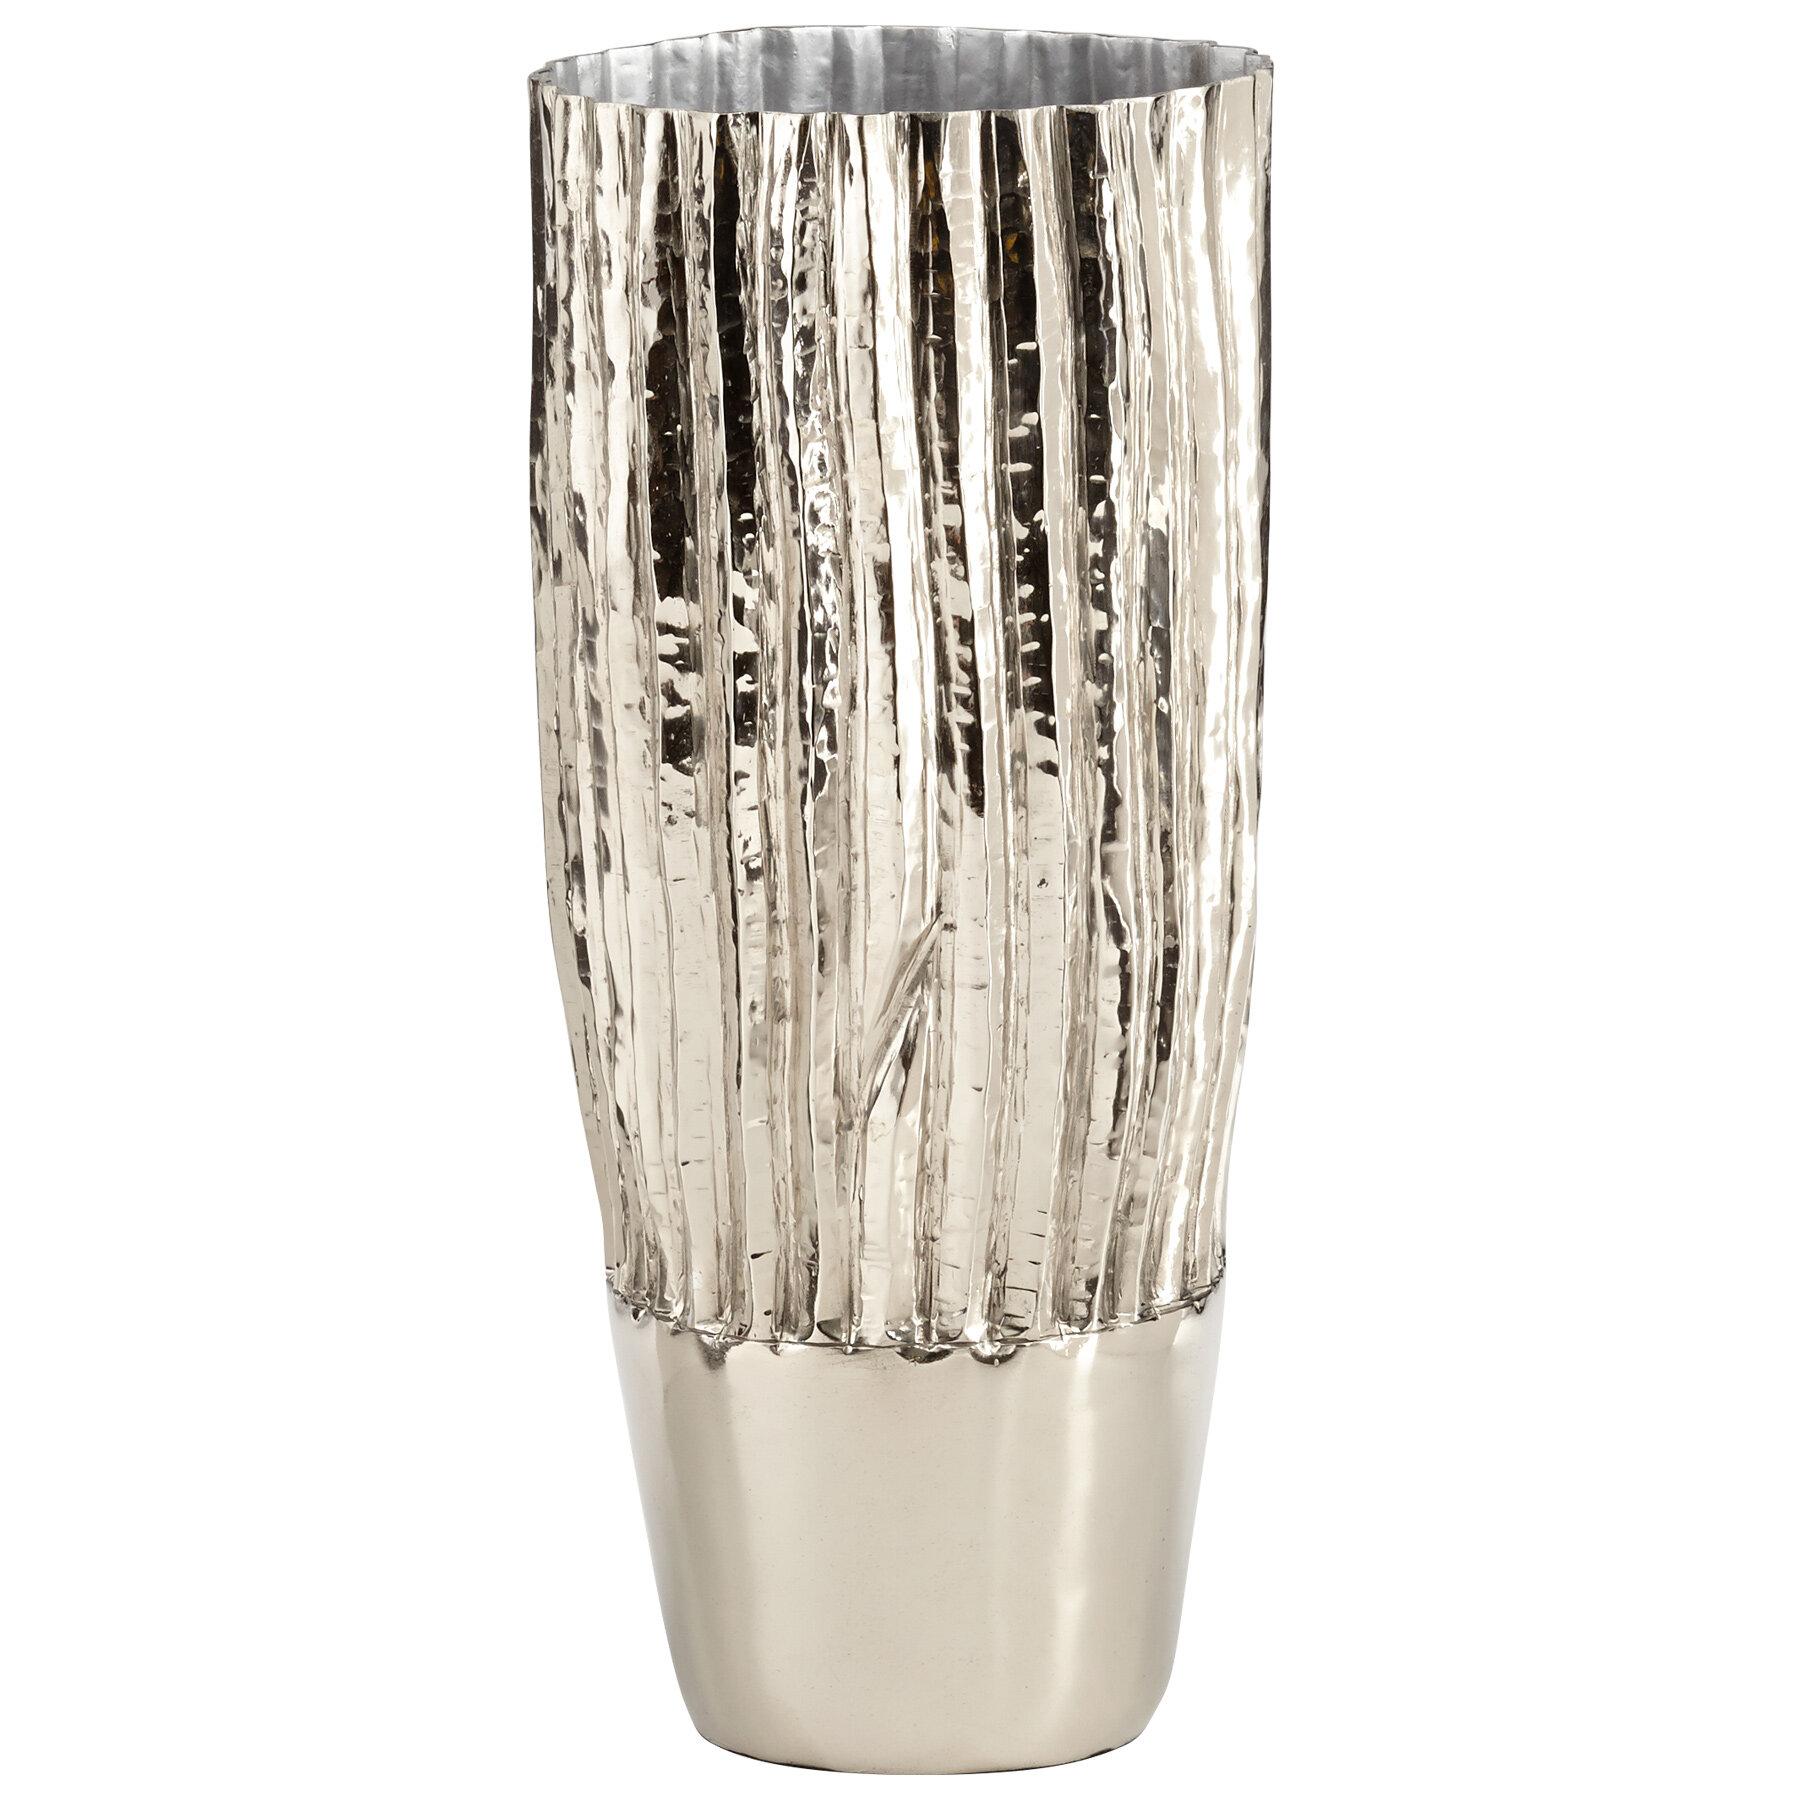 Cyan Design Nickel Metal Table Vase Wayfair